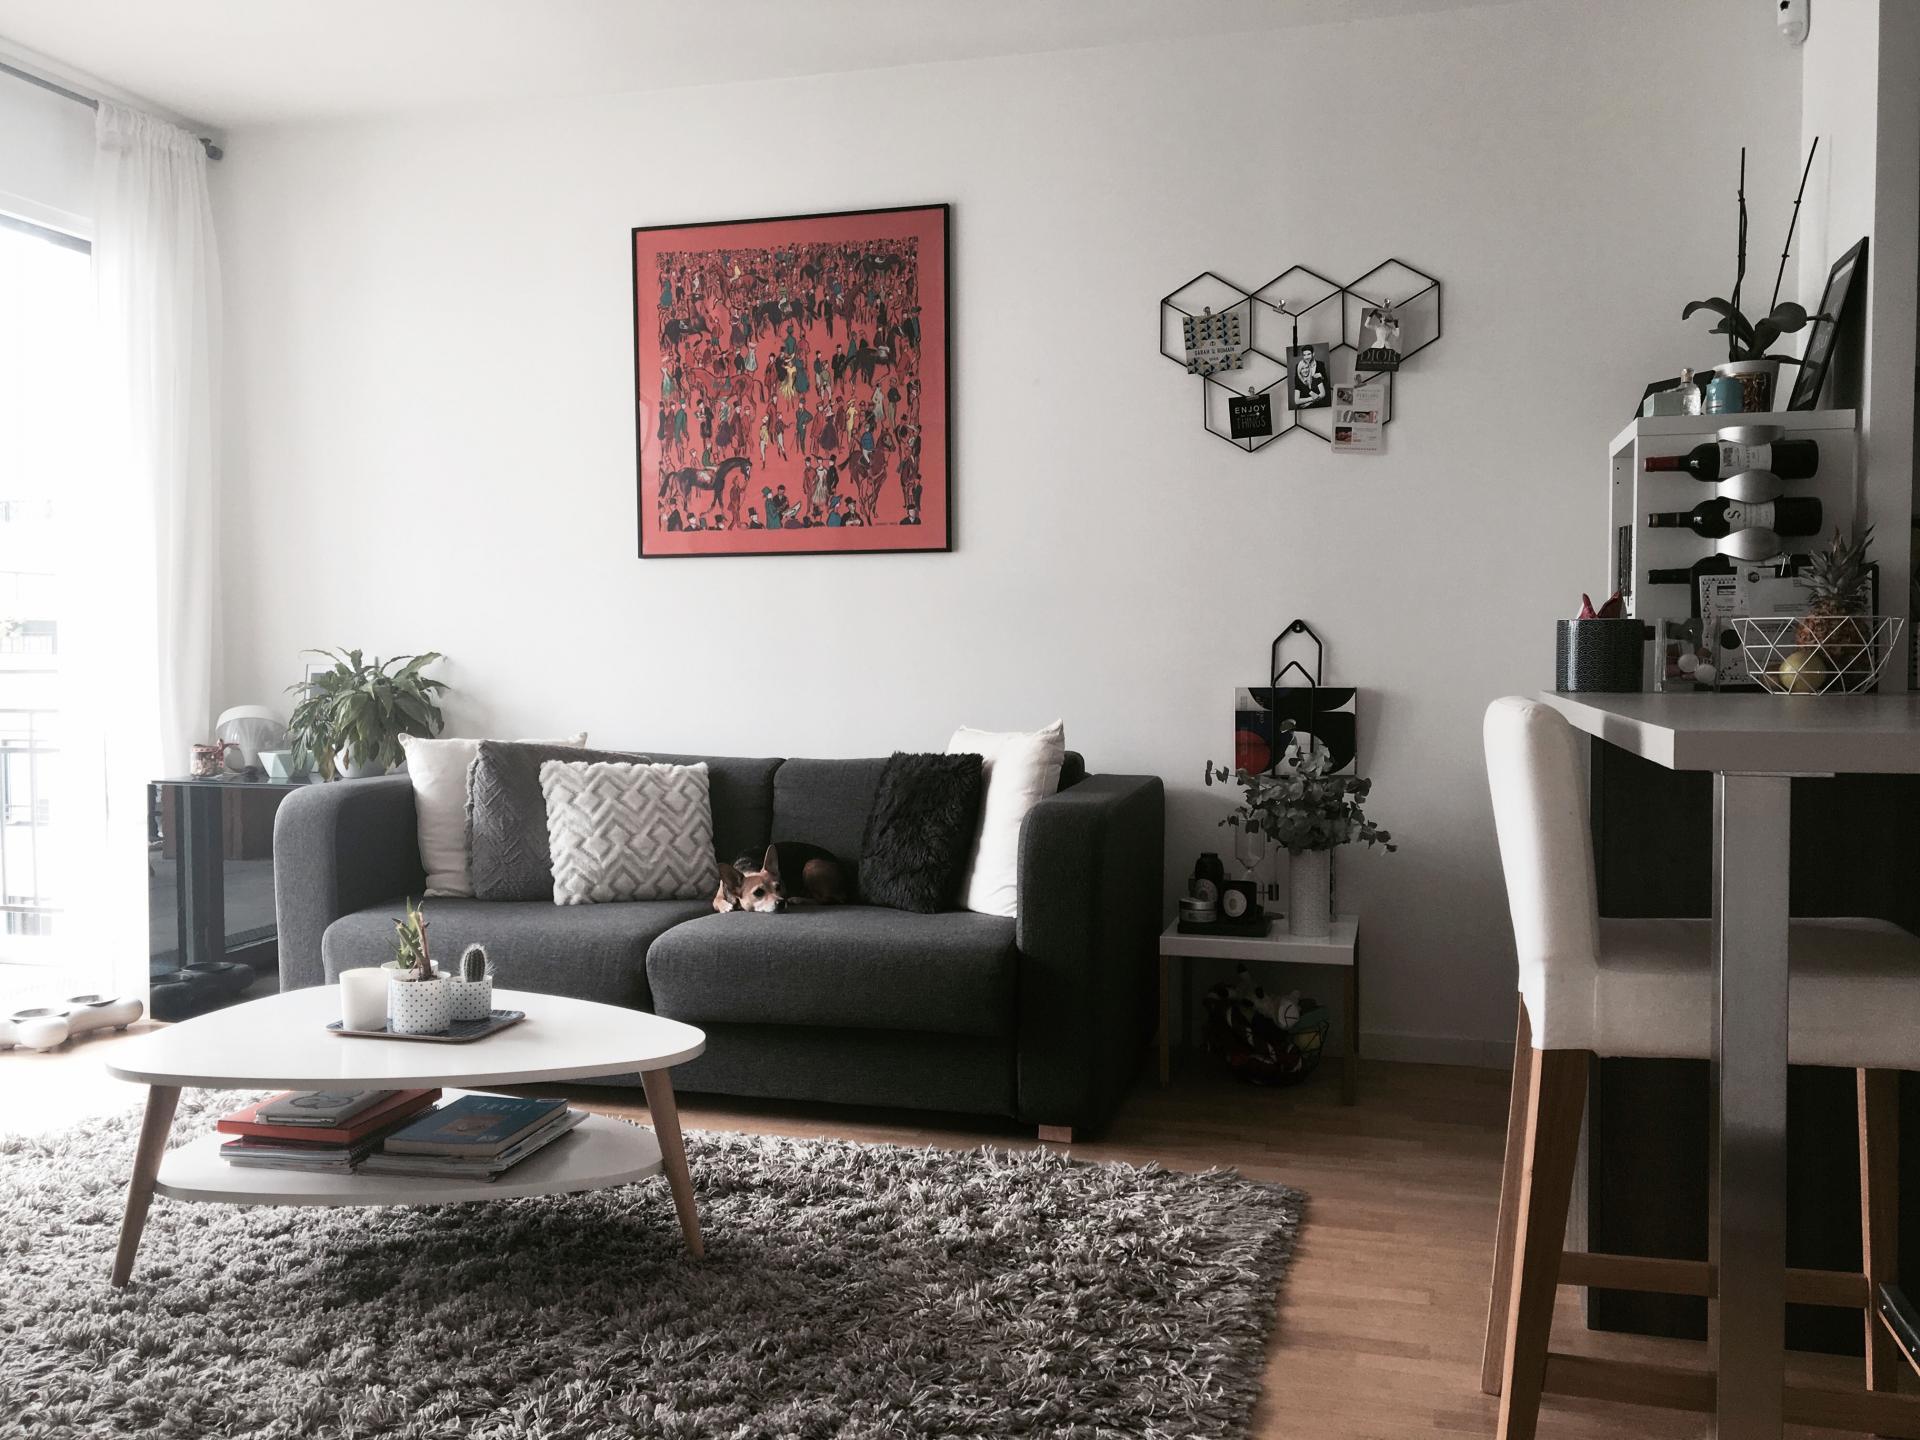 Mes idées déco pour sublimer votre appartement_image7